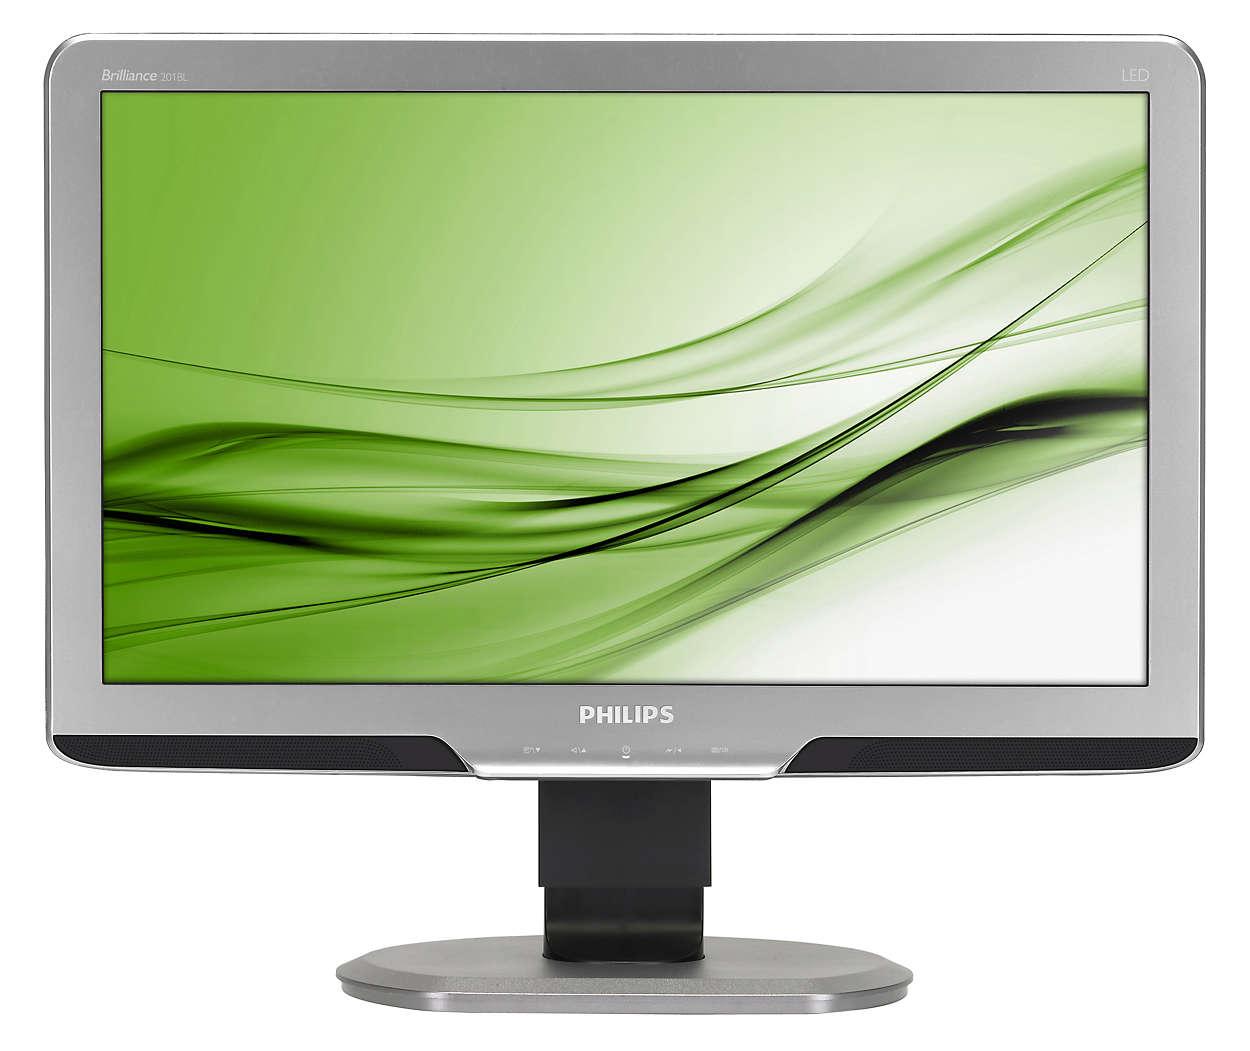 Ergonomisk skærm til arbejdsbrug øger produktiviteten